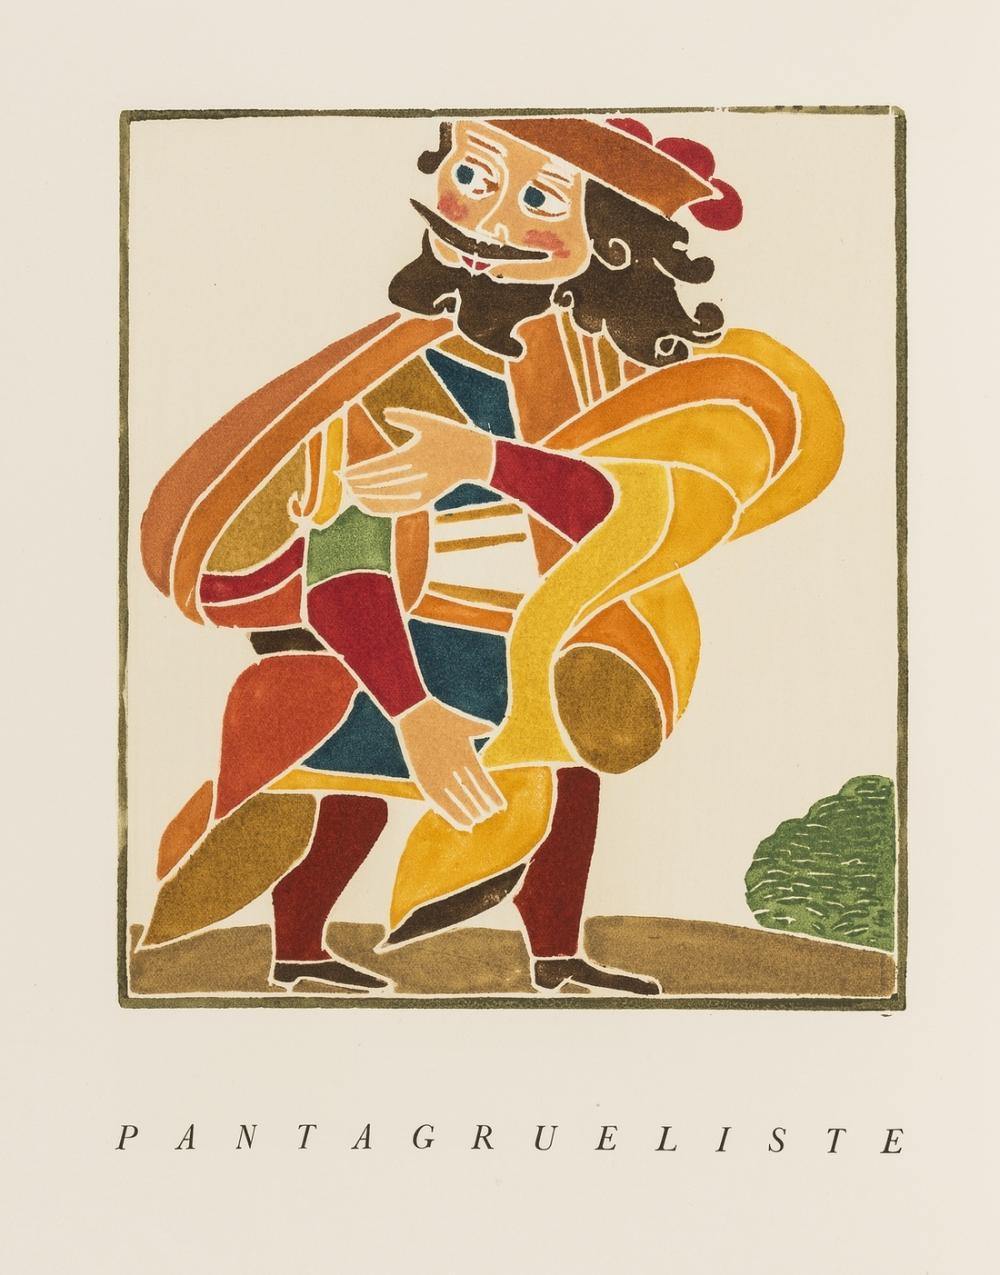 Derain (André).- Rabelais  (François) Les Horribles et Espovantables Faictz et Prouesses du Très Renommé Pantagruel..., one of 250 copies, colour woodcuts, Paris, 1943.